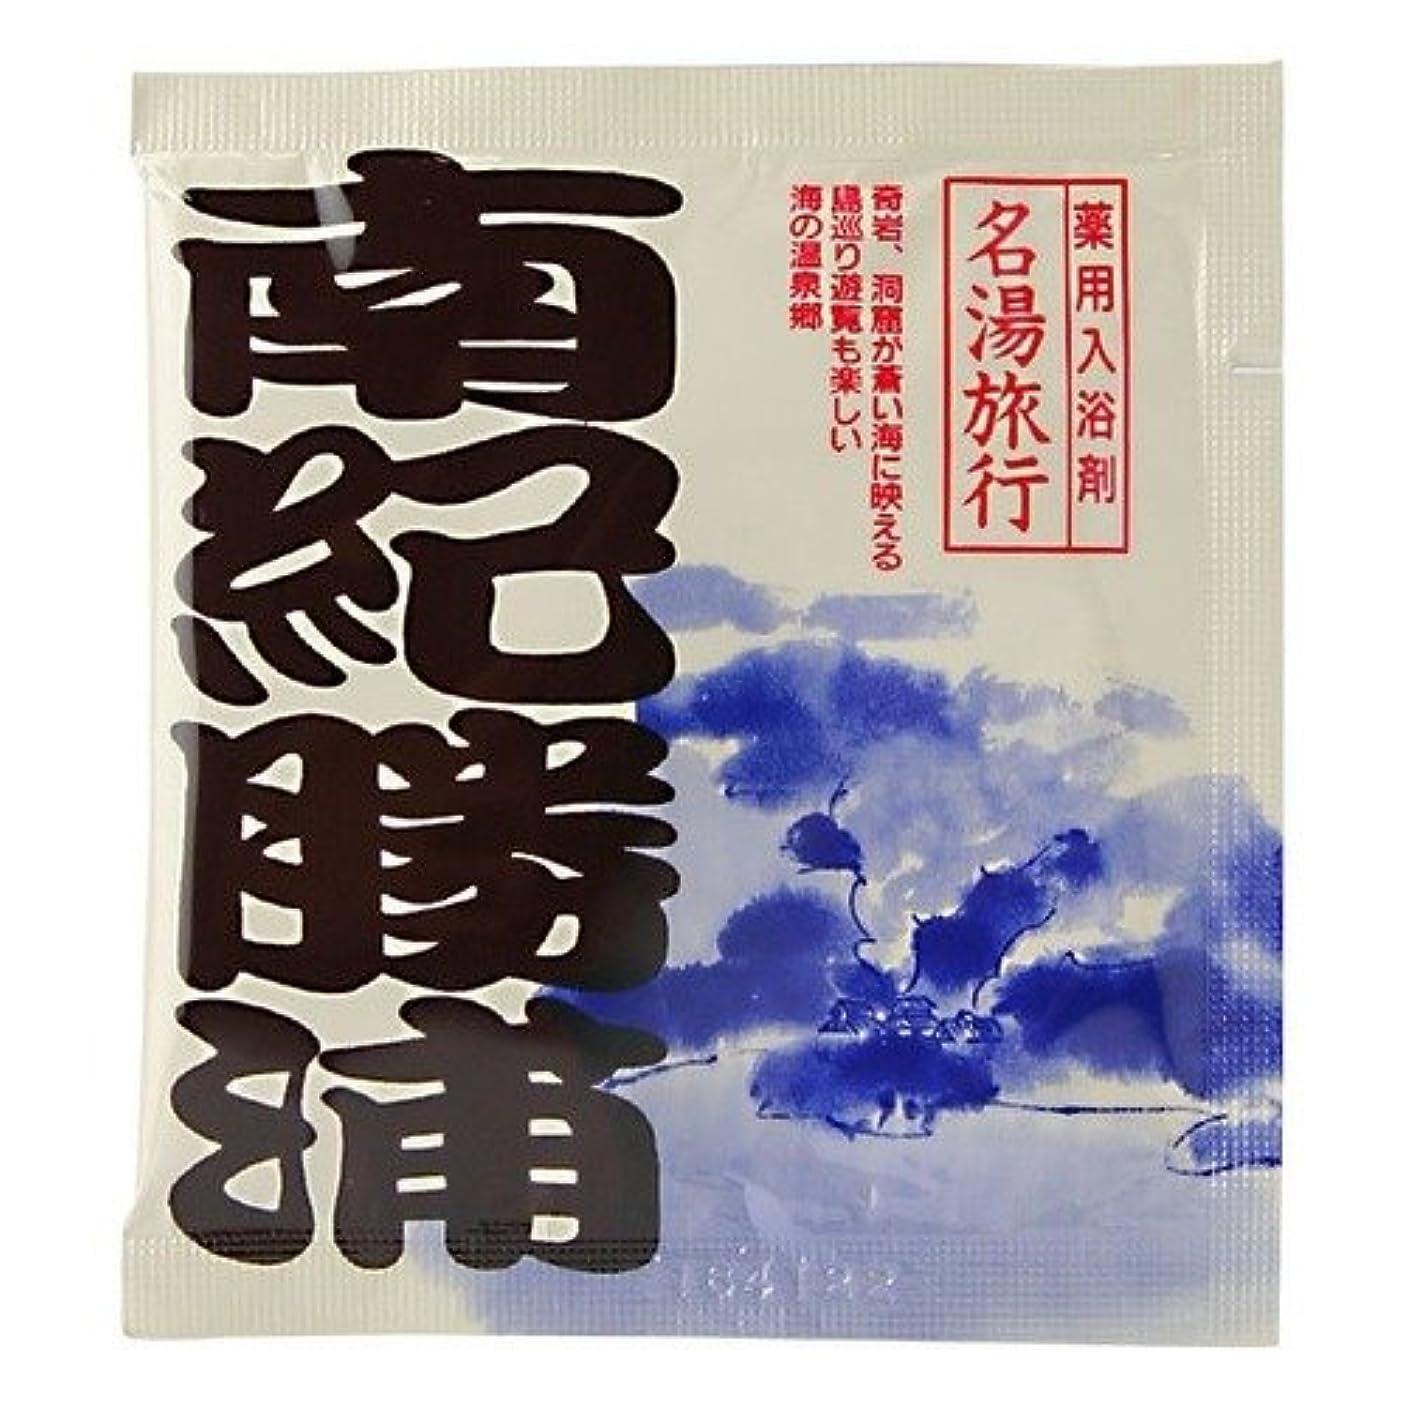 許すストレージ時系列五洲薬品 名湯旅行 南紀勝浦 25g 4987332126737